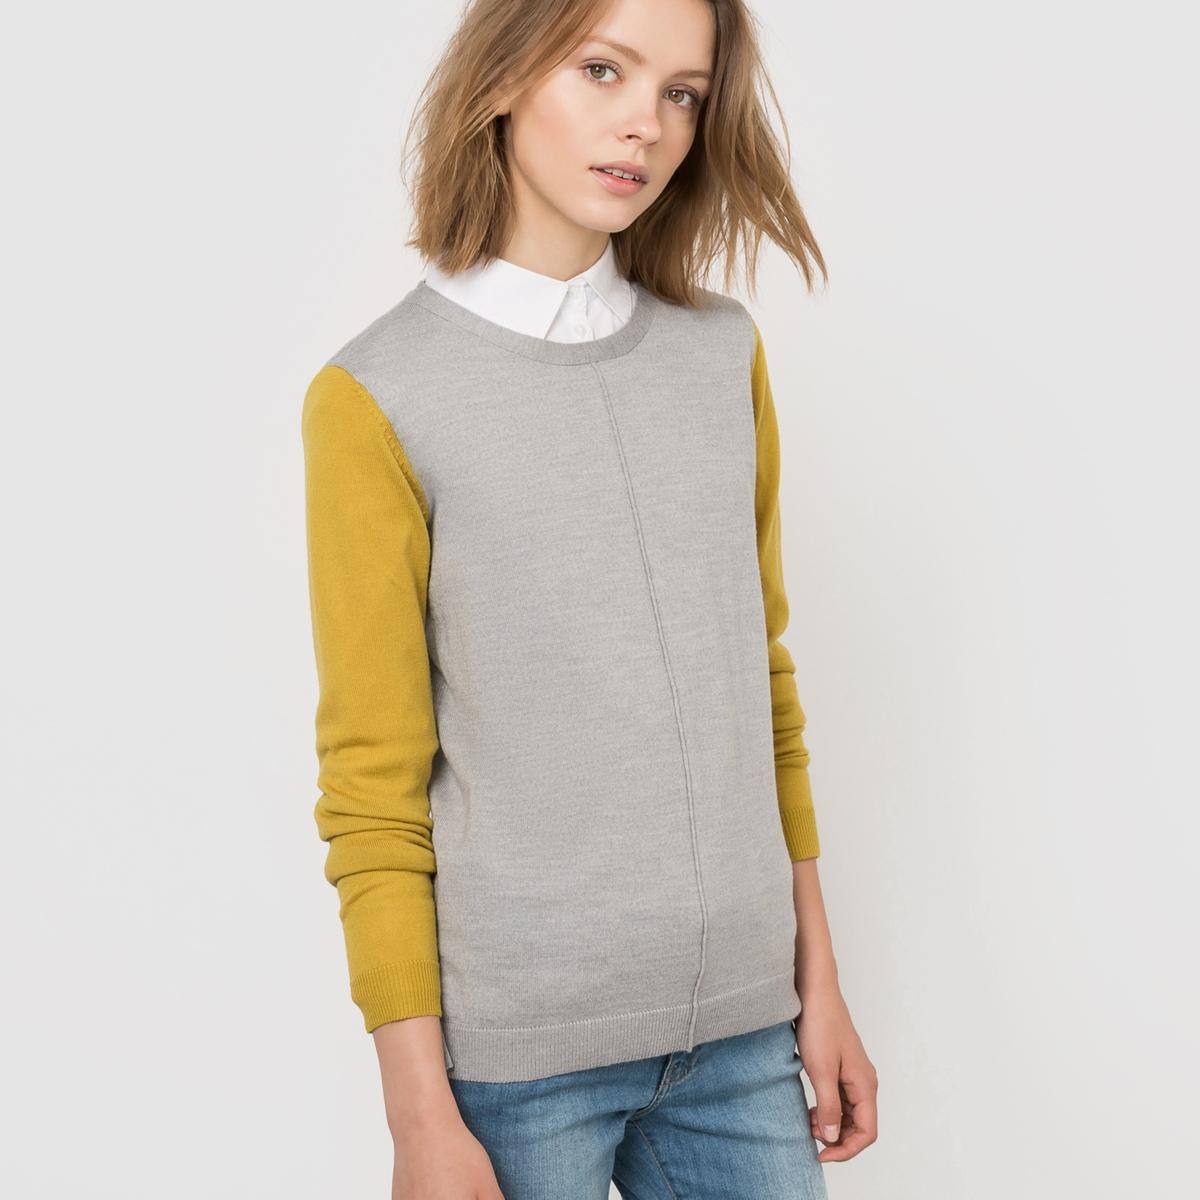 Пуловер двухцветный из 100% шерсти мериносаДвухцветный пуловер. Круглый вырез. Длинные рукава. Отделка в рубчик Состав и описание :Материал        100% шерсти MERINOSДлина      65  смУход :Машинная стирка при 40 °СМашинная сушка на умеренной температуре.Обработка Easy Care® всего изделия  для легкой глажки. 100% применяемой шерсти мериноса получено без процедуры мьюлесинга, что гарантирует благополучие животных.<br><br>Цвет: оливковый/черный,серый меланж/оливковый<br>Размер: 42/44 (FR) - 48/50 (RUS)